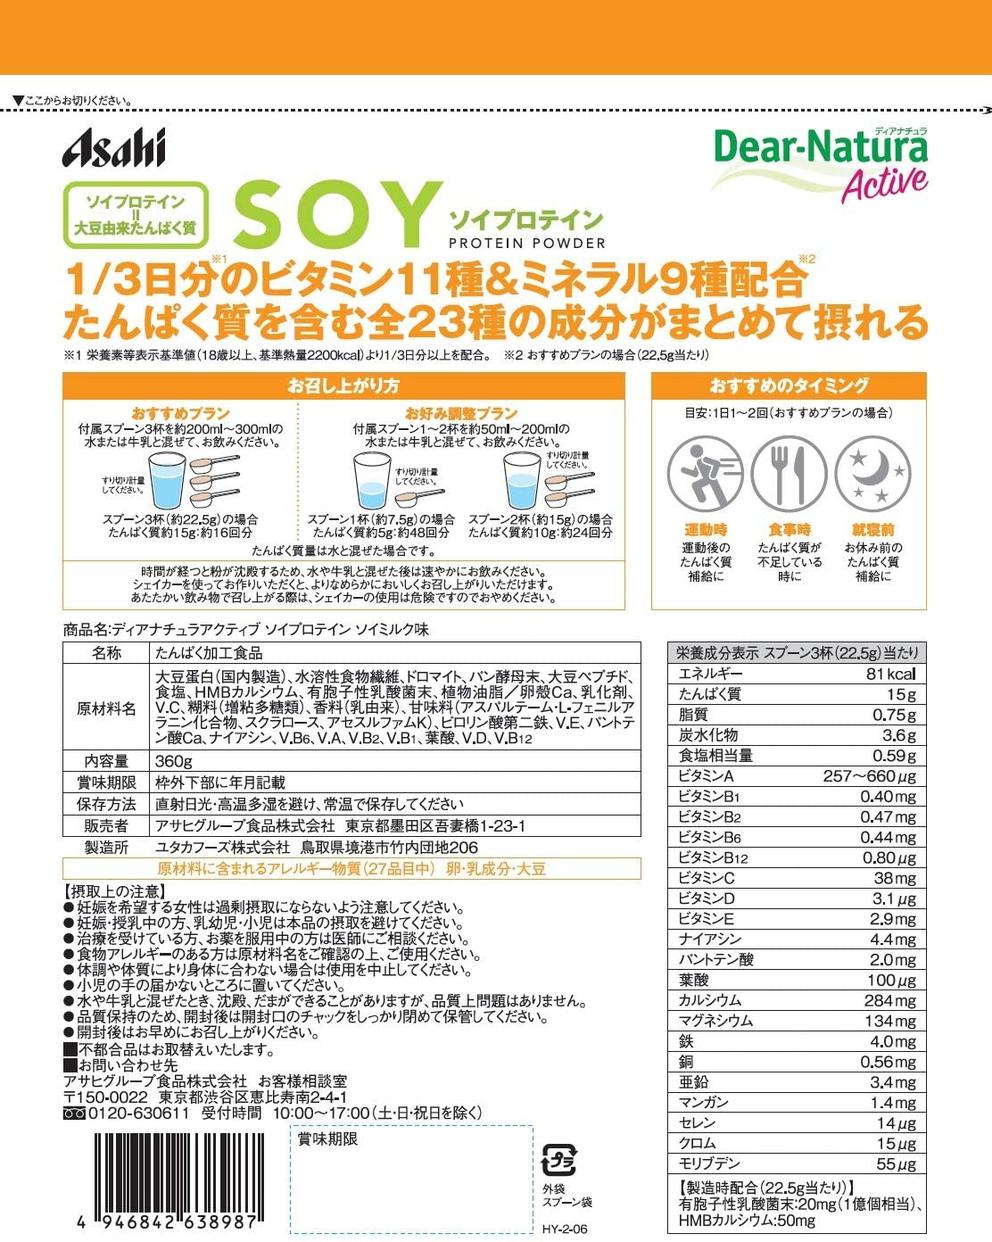 Dear-Natura(ディアナチュラ) アクティブ ソイプロテインの商品画像2